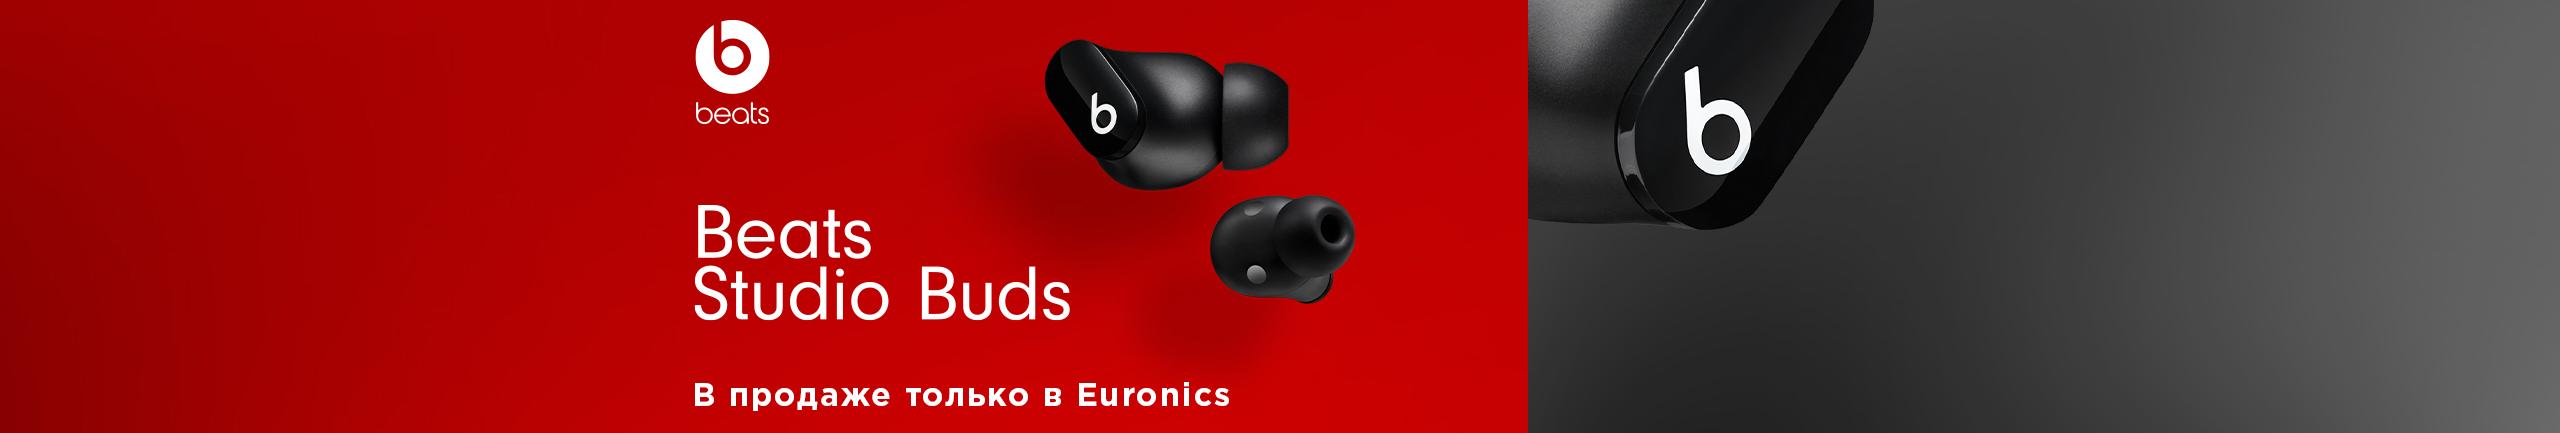 FPS Эксклюзивное предложение в Euronics - наушники Beats Studio